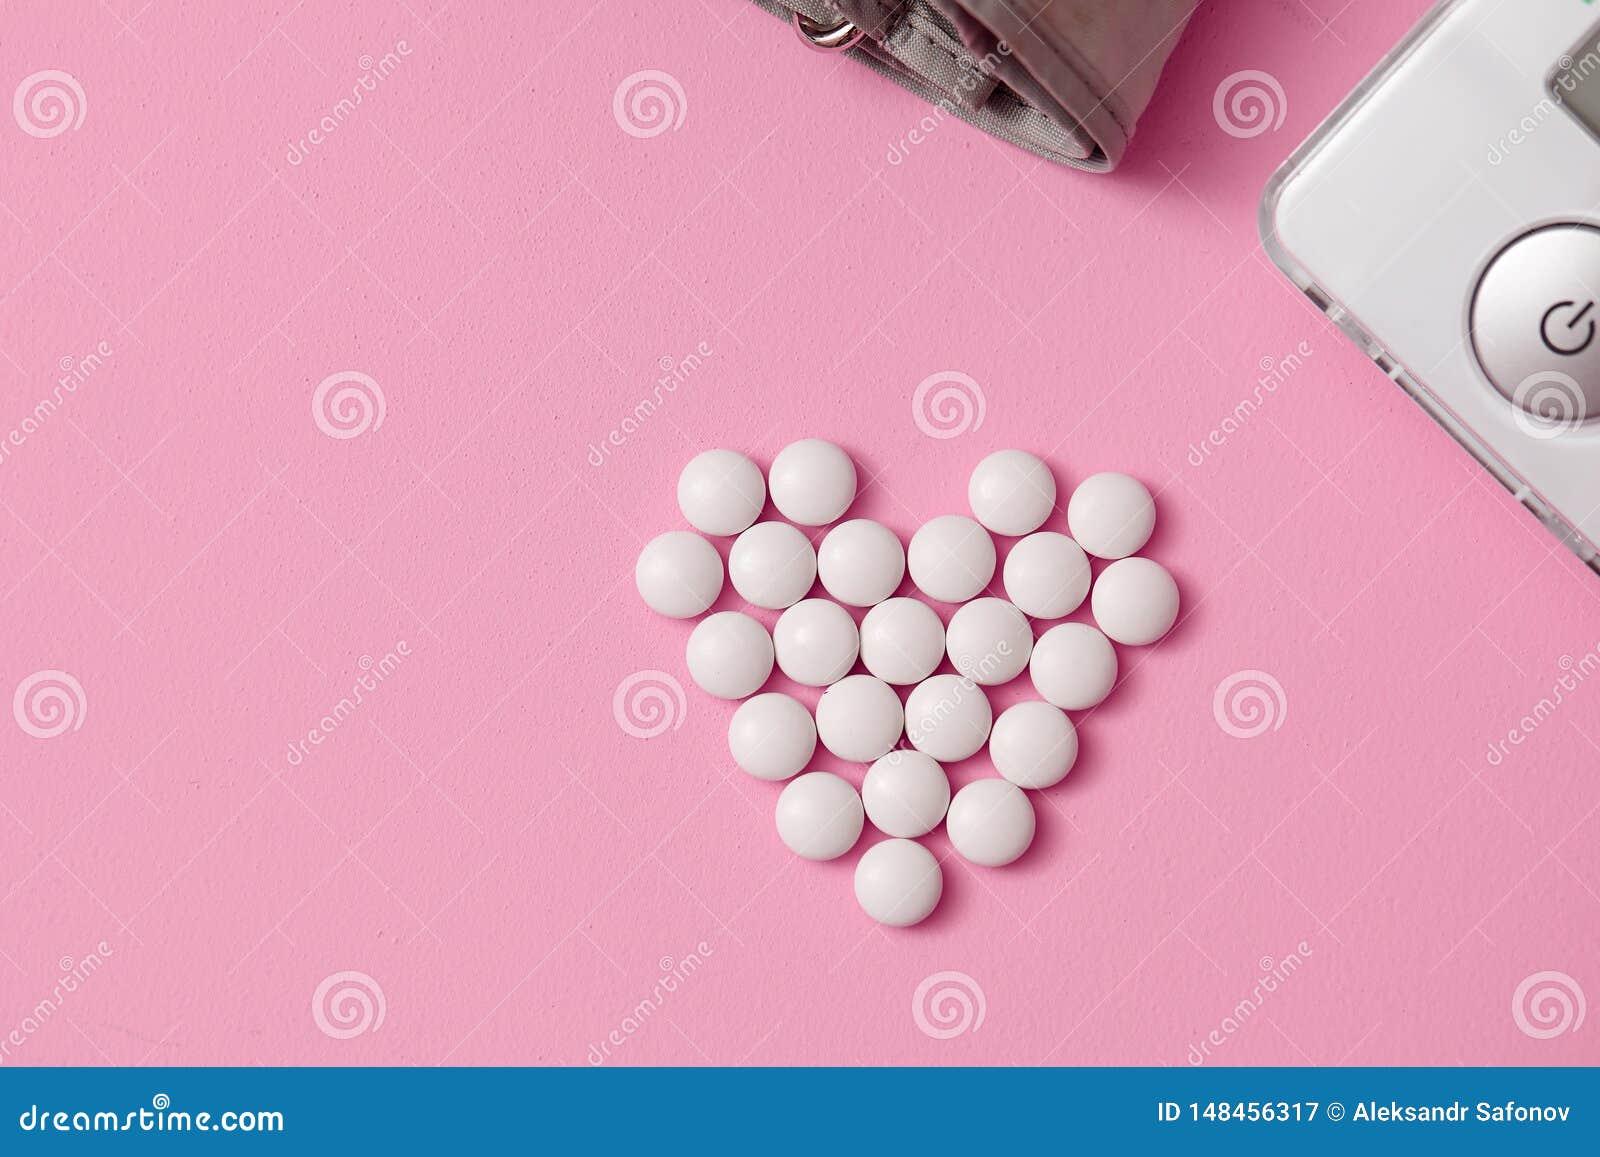 Minnestavlor läggas ut i formen av en hjärta,